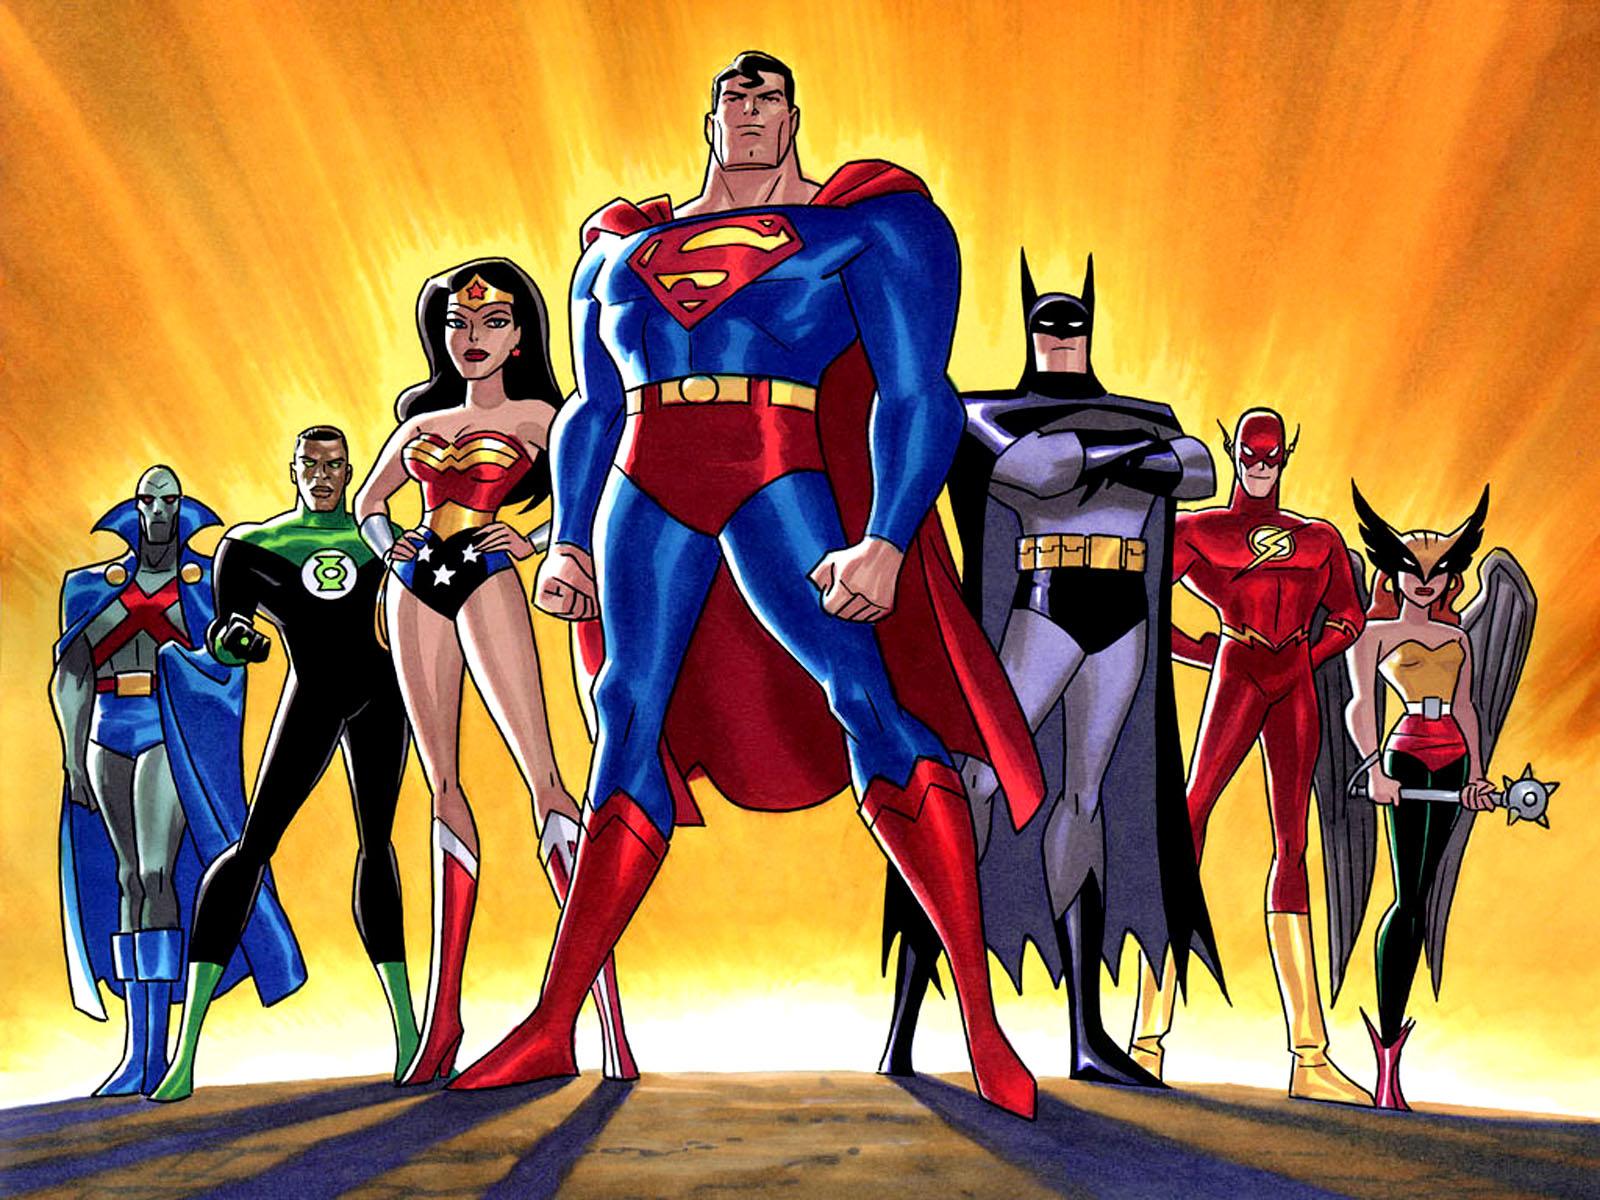 http://1.bp.blogspot.com/-d8K9k1UOcPI/Tm4iCcXjepI/AAAAAAAAC9Q/3DdQyI1j-So/s1600/DC_Comics_Super_Heroes_HD_Wallpaper_www.Vvallpaper.Net_1.jpg